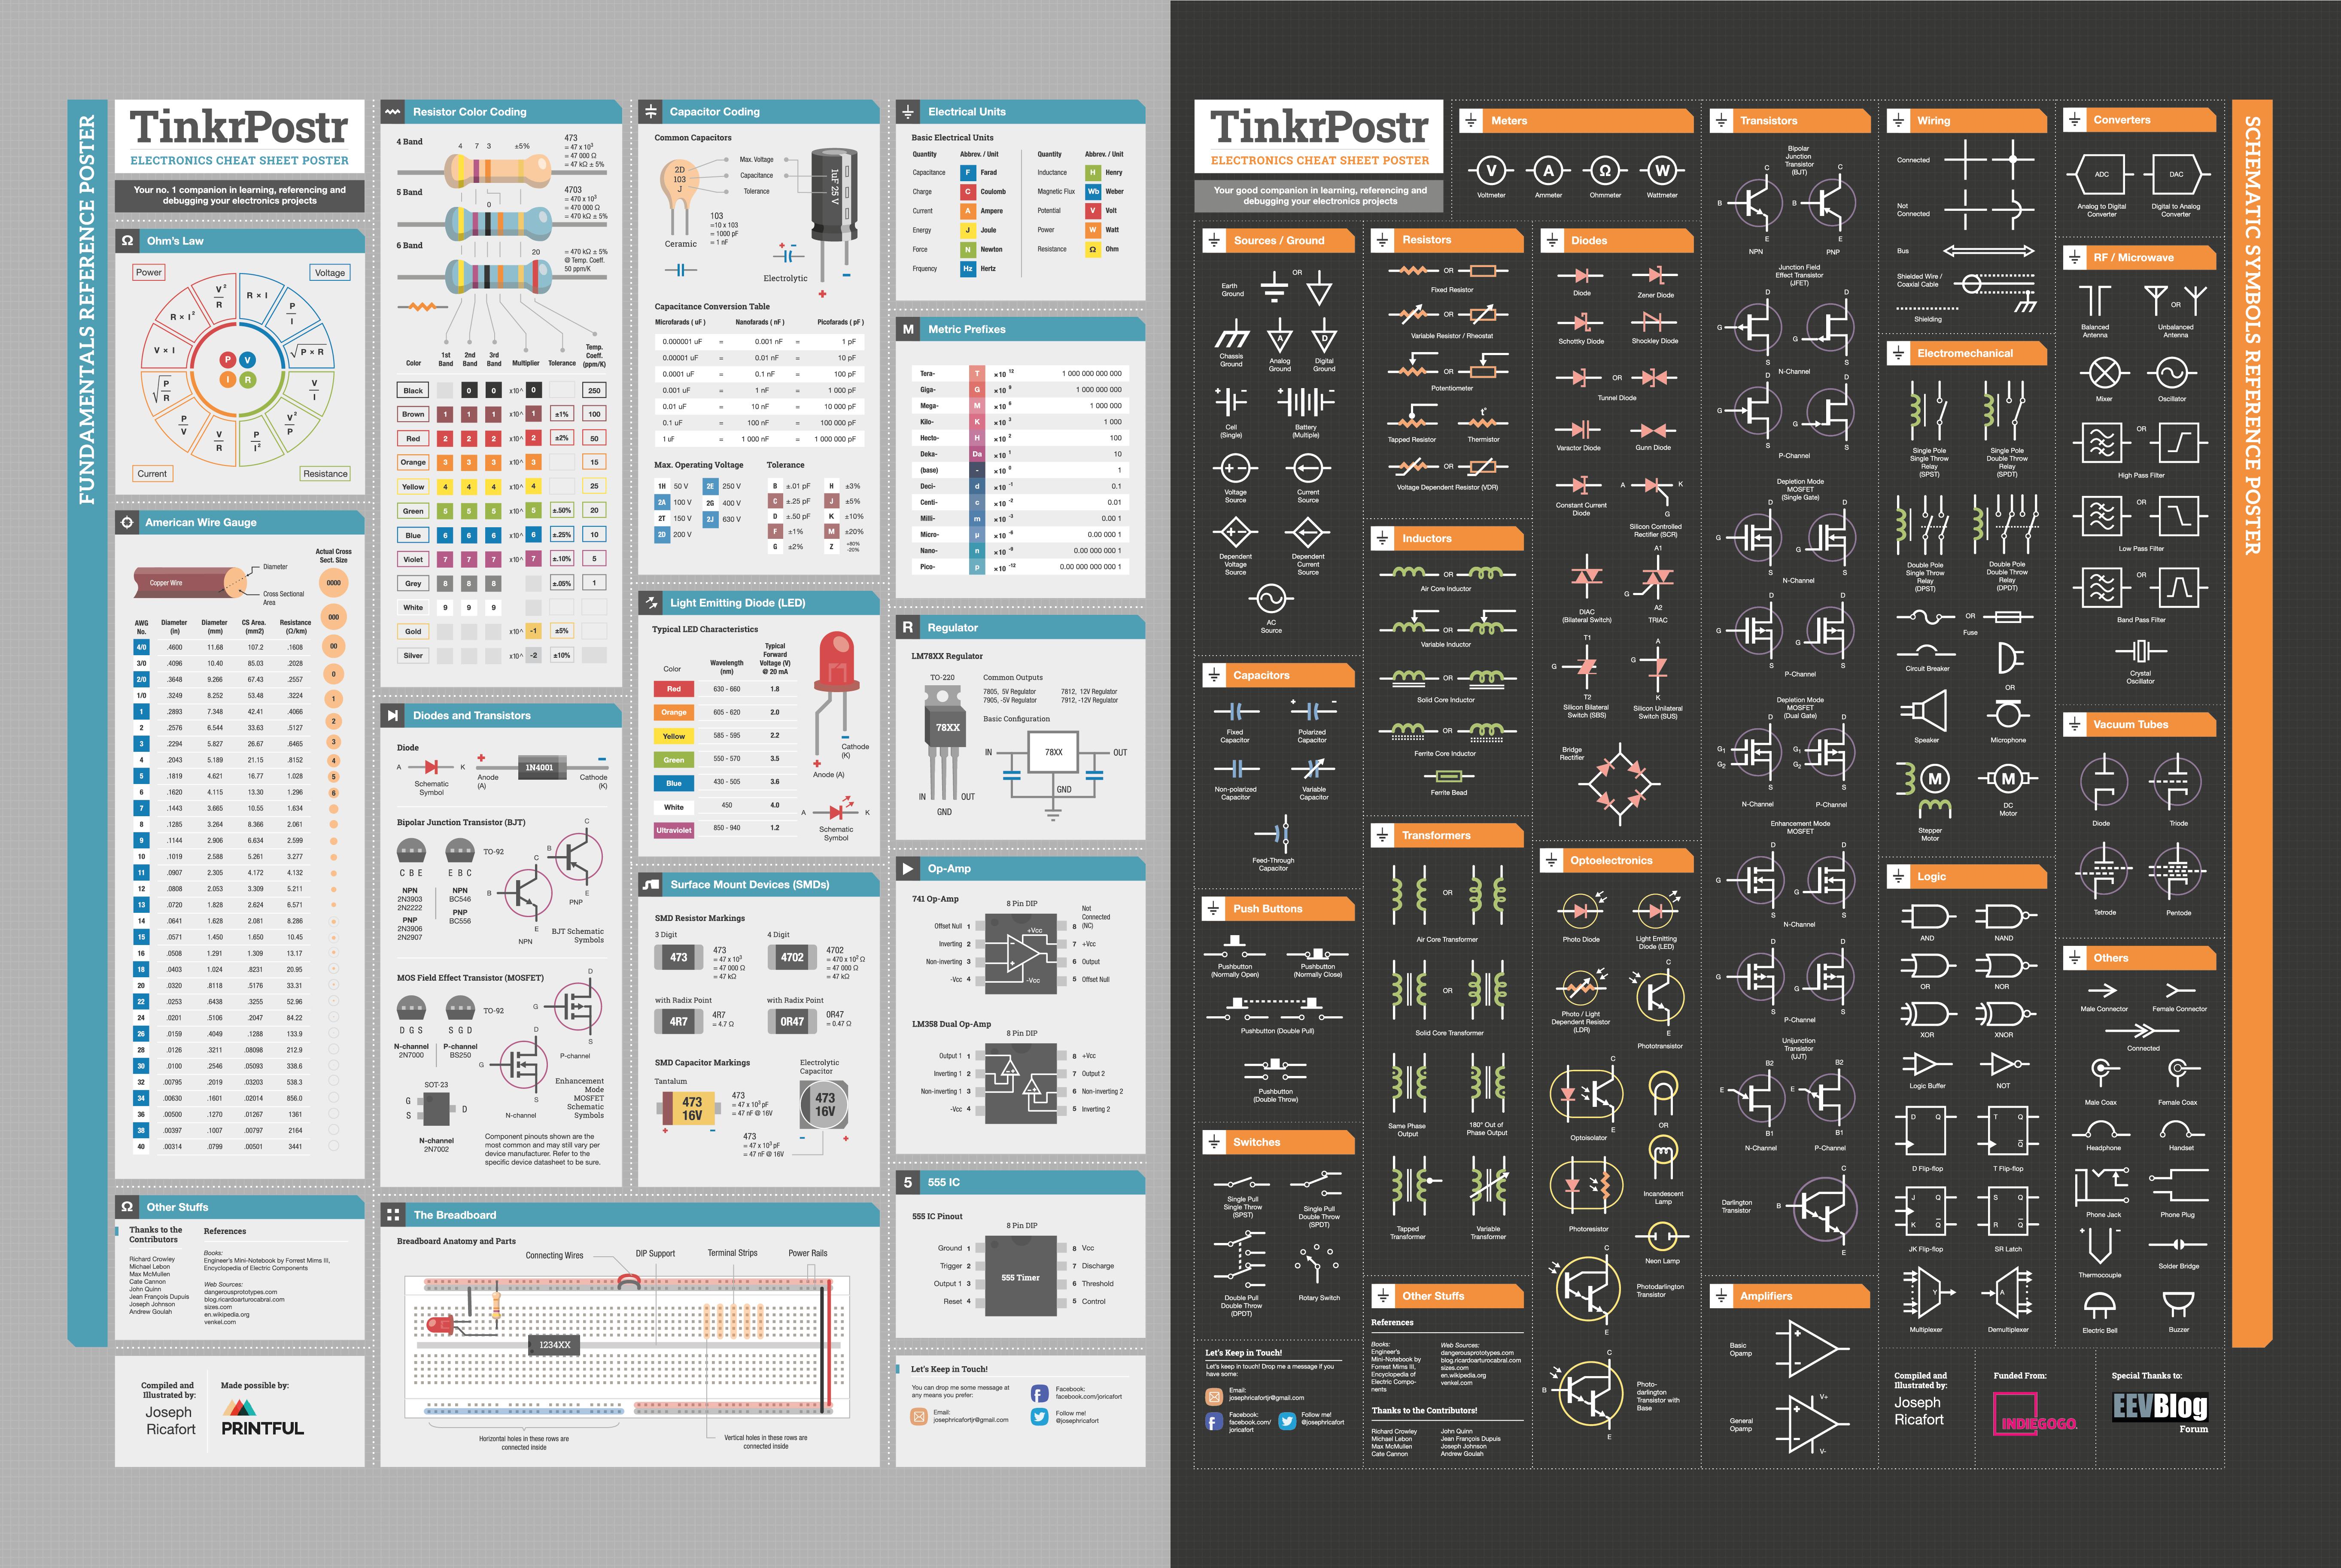 Ingeniería en Electrónica/Electricidad: símbolos-fórmulas-estándares #infografia #education